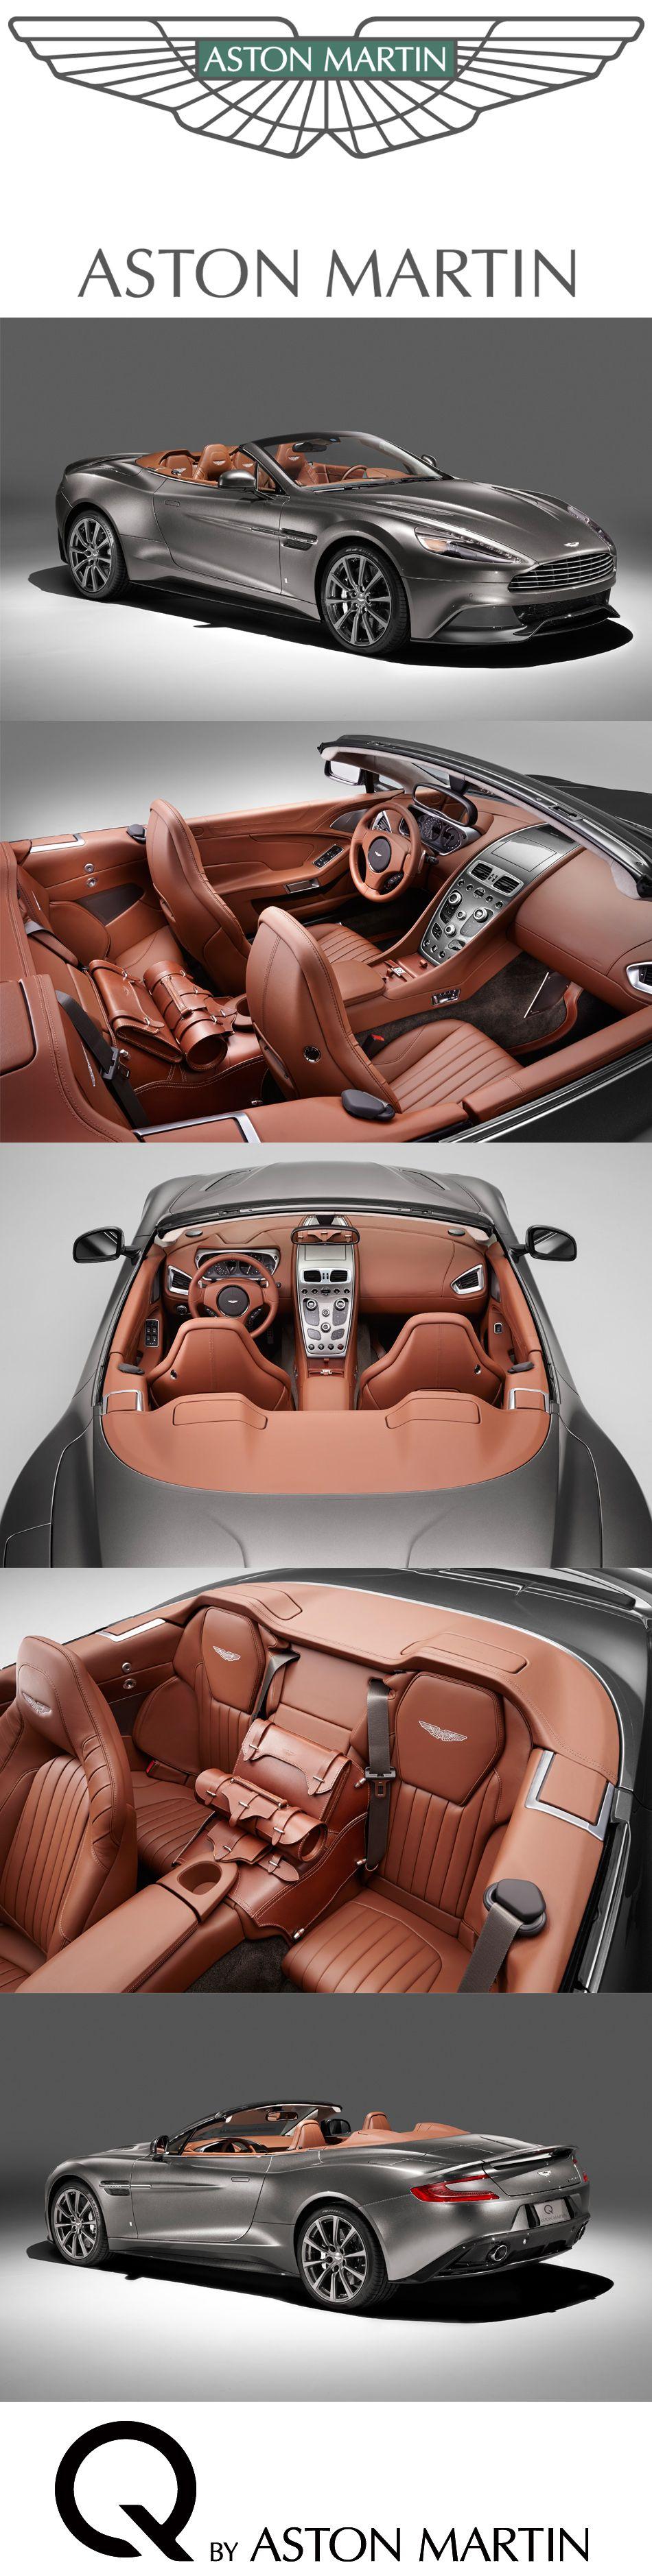 50+ aston martin luxury cars best photos af6a6ed7eae16350d82a62baf788e511